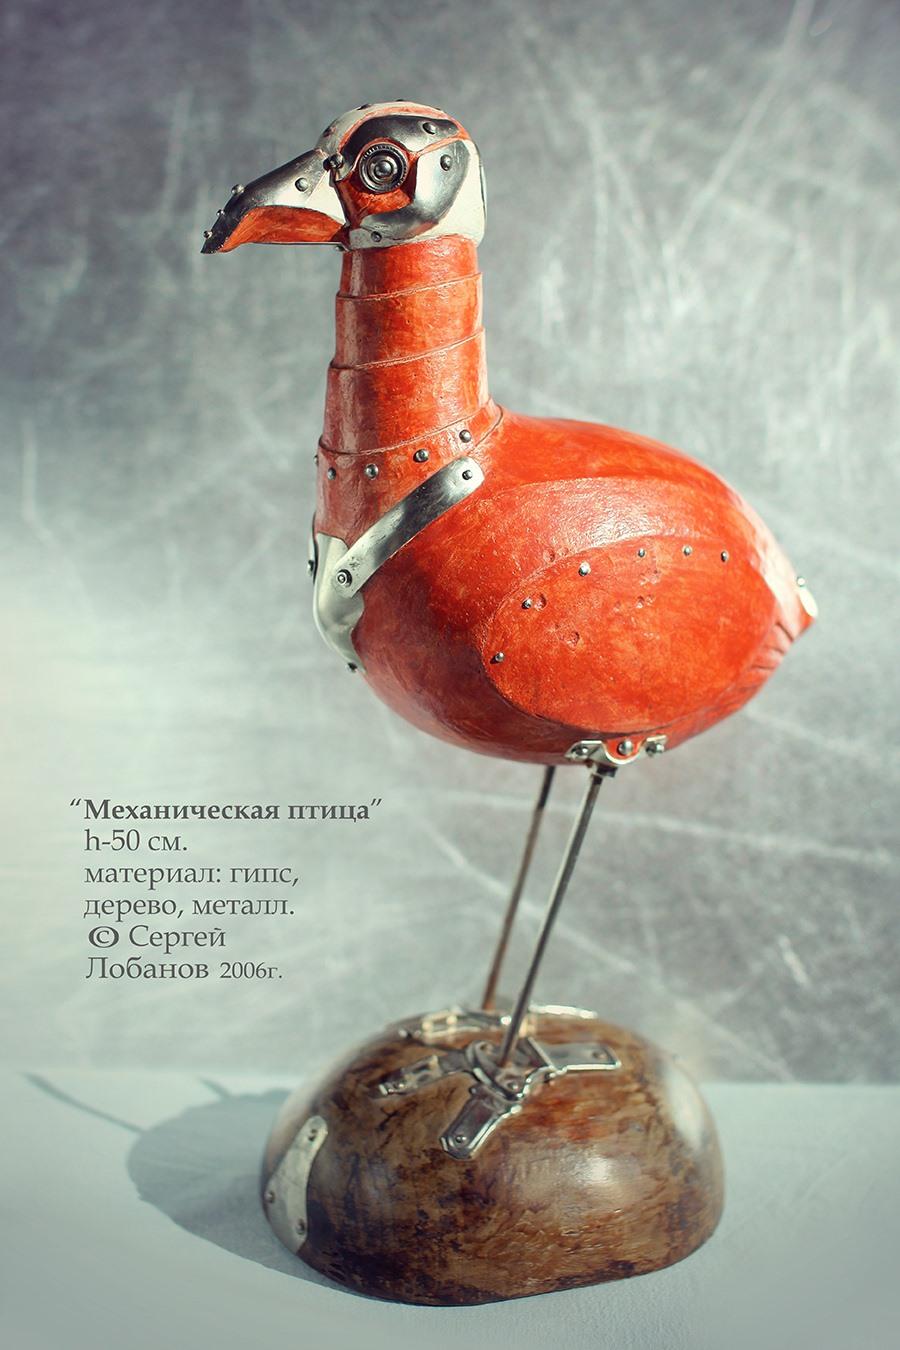 Механическая птица.   2006 г.  Дерево, металл, гипс.  (48х26х14 см.